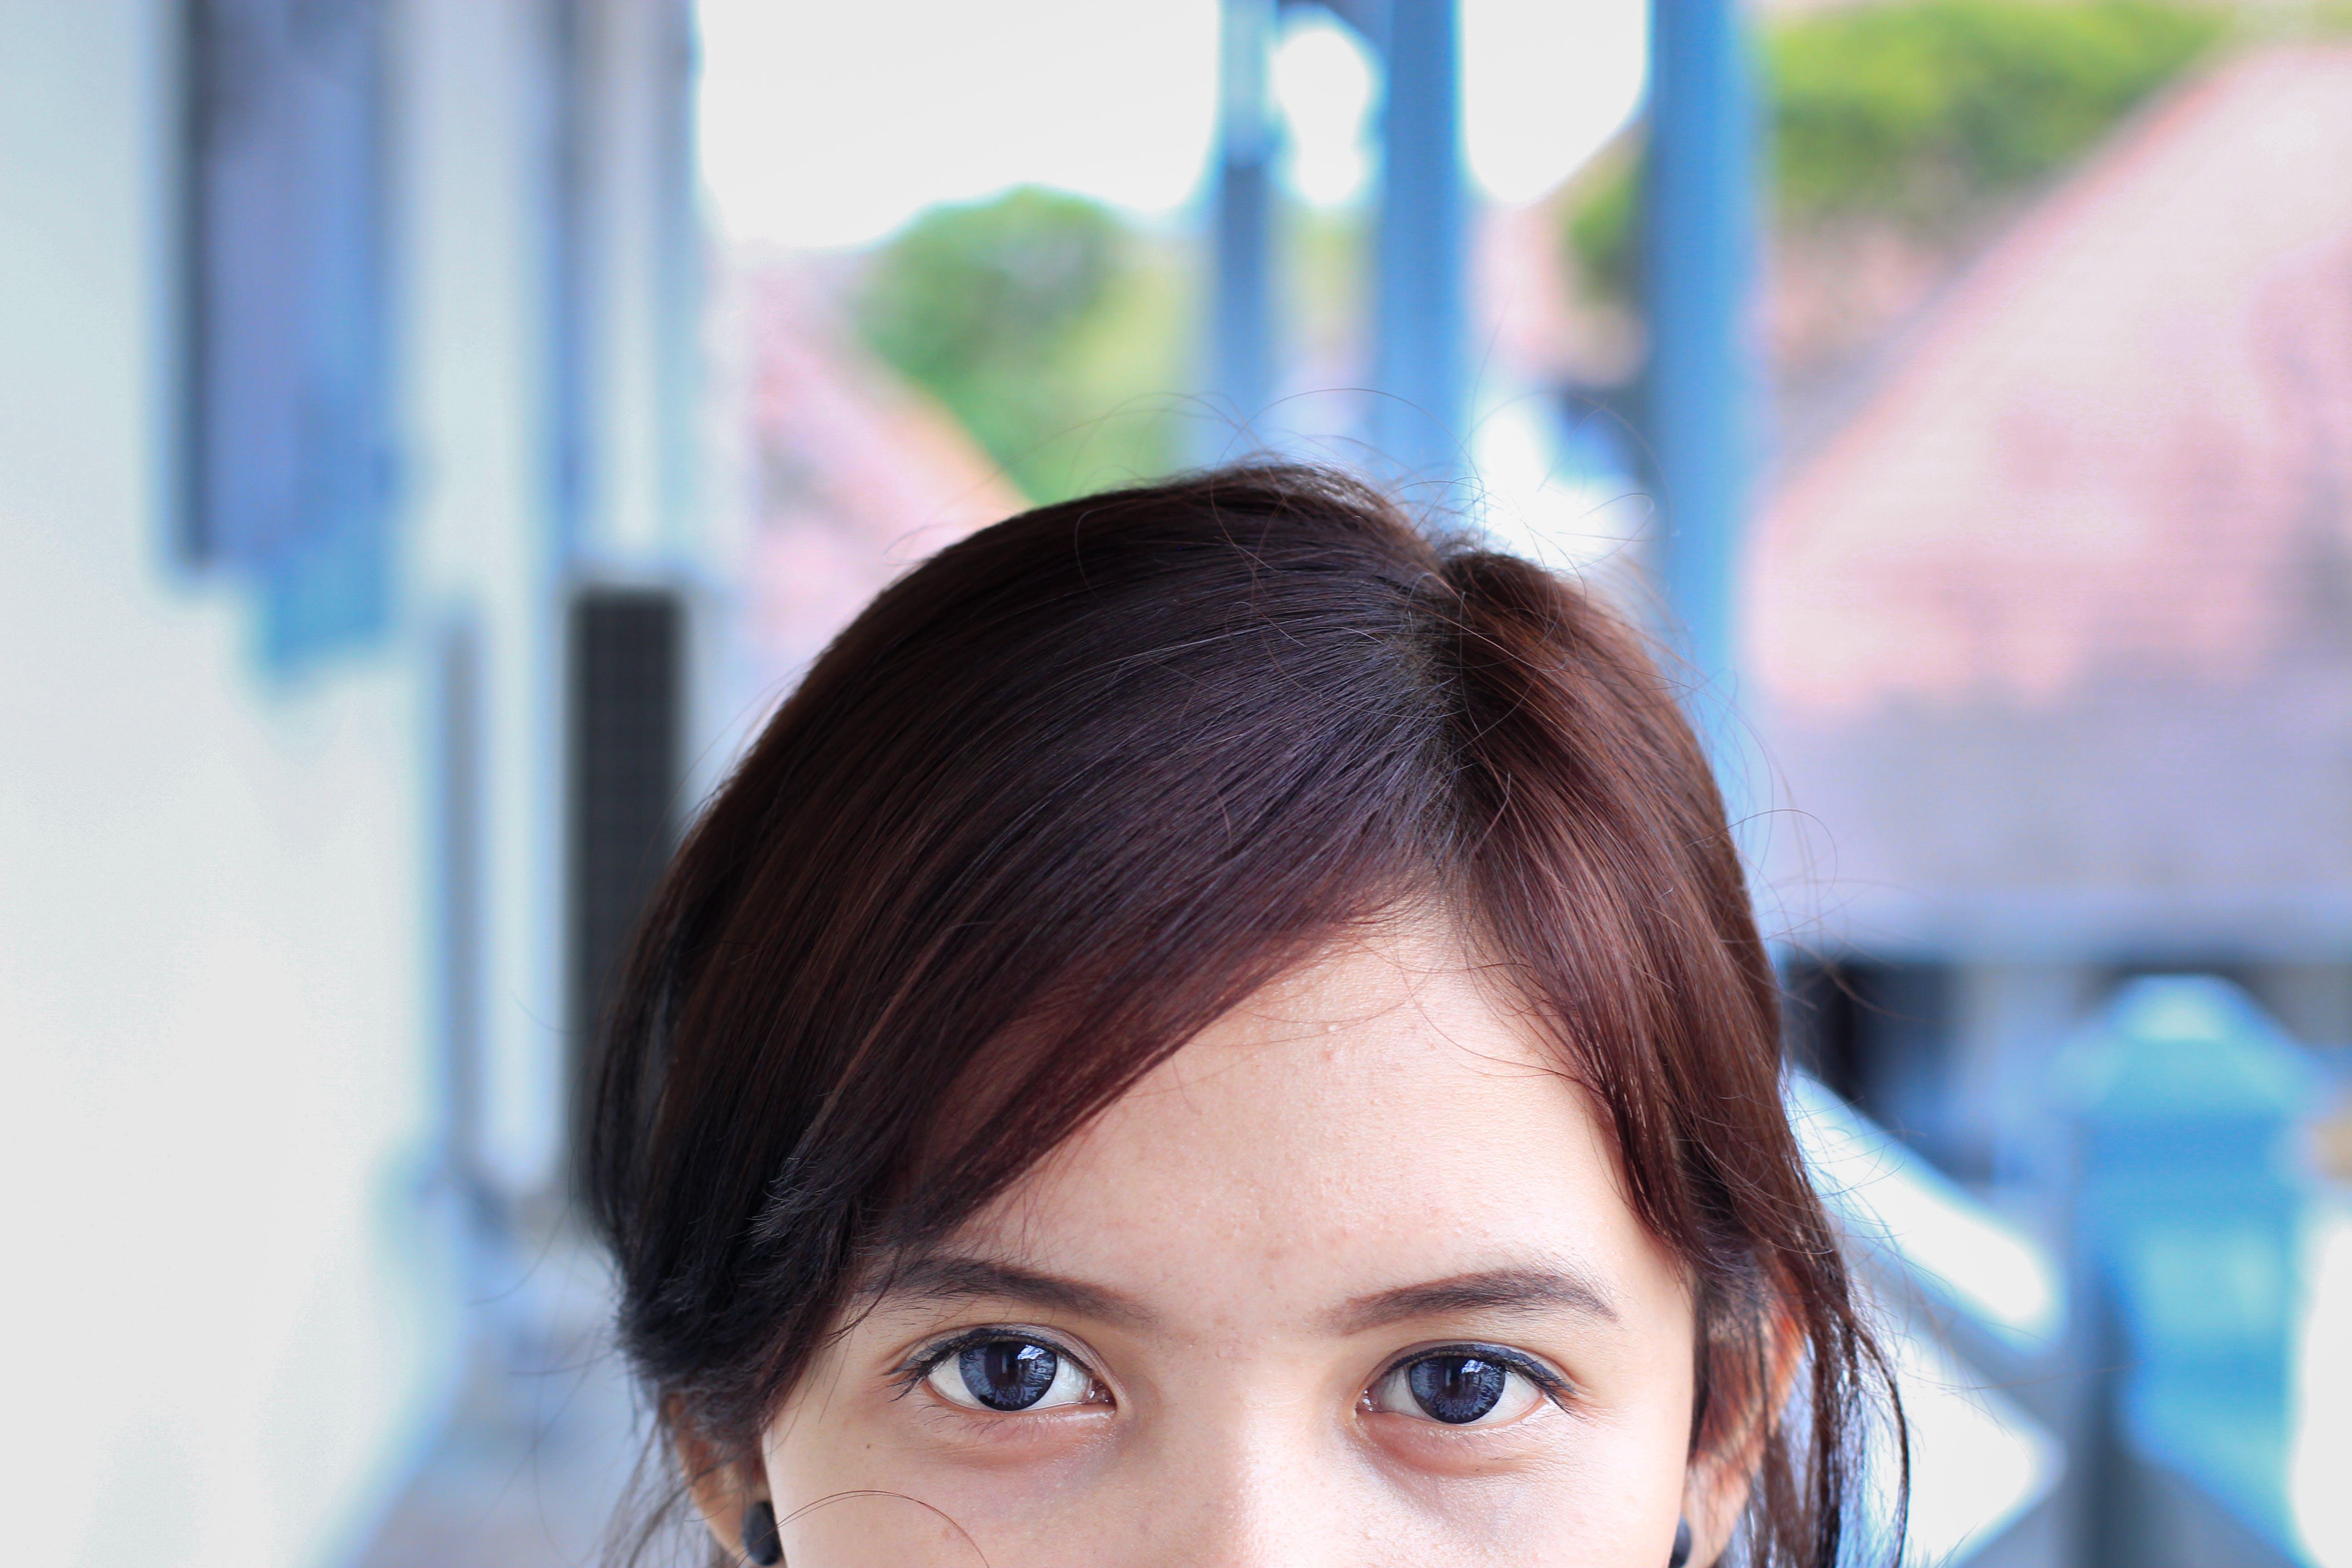 Gratis lagerfoto af ansigtsudtryk, close-up, dagslys, hår